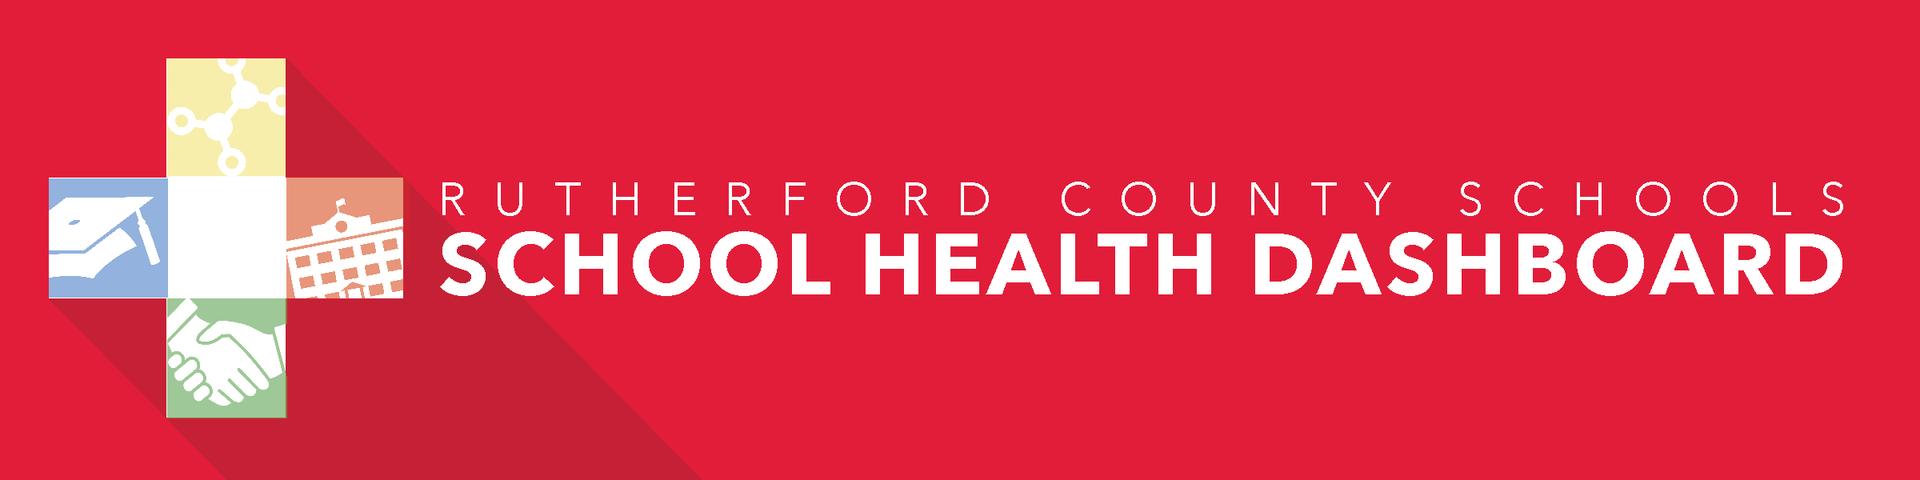 school health dashboard